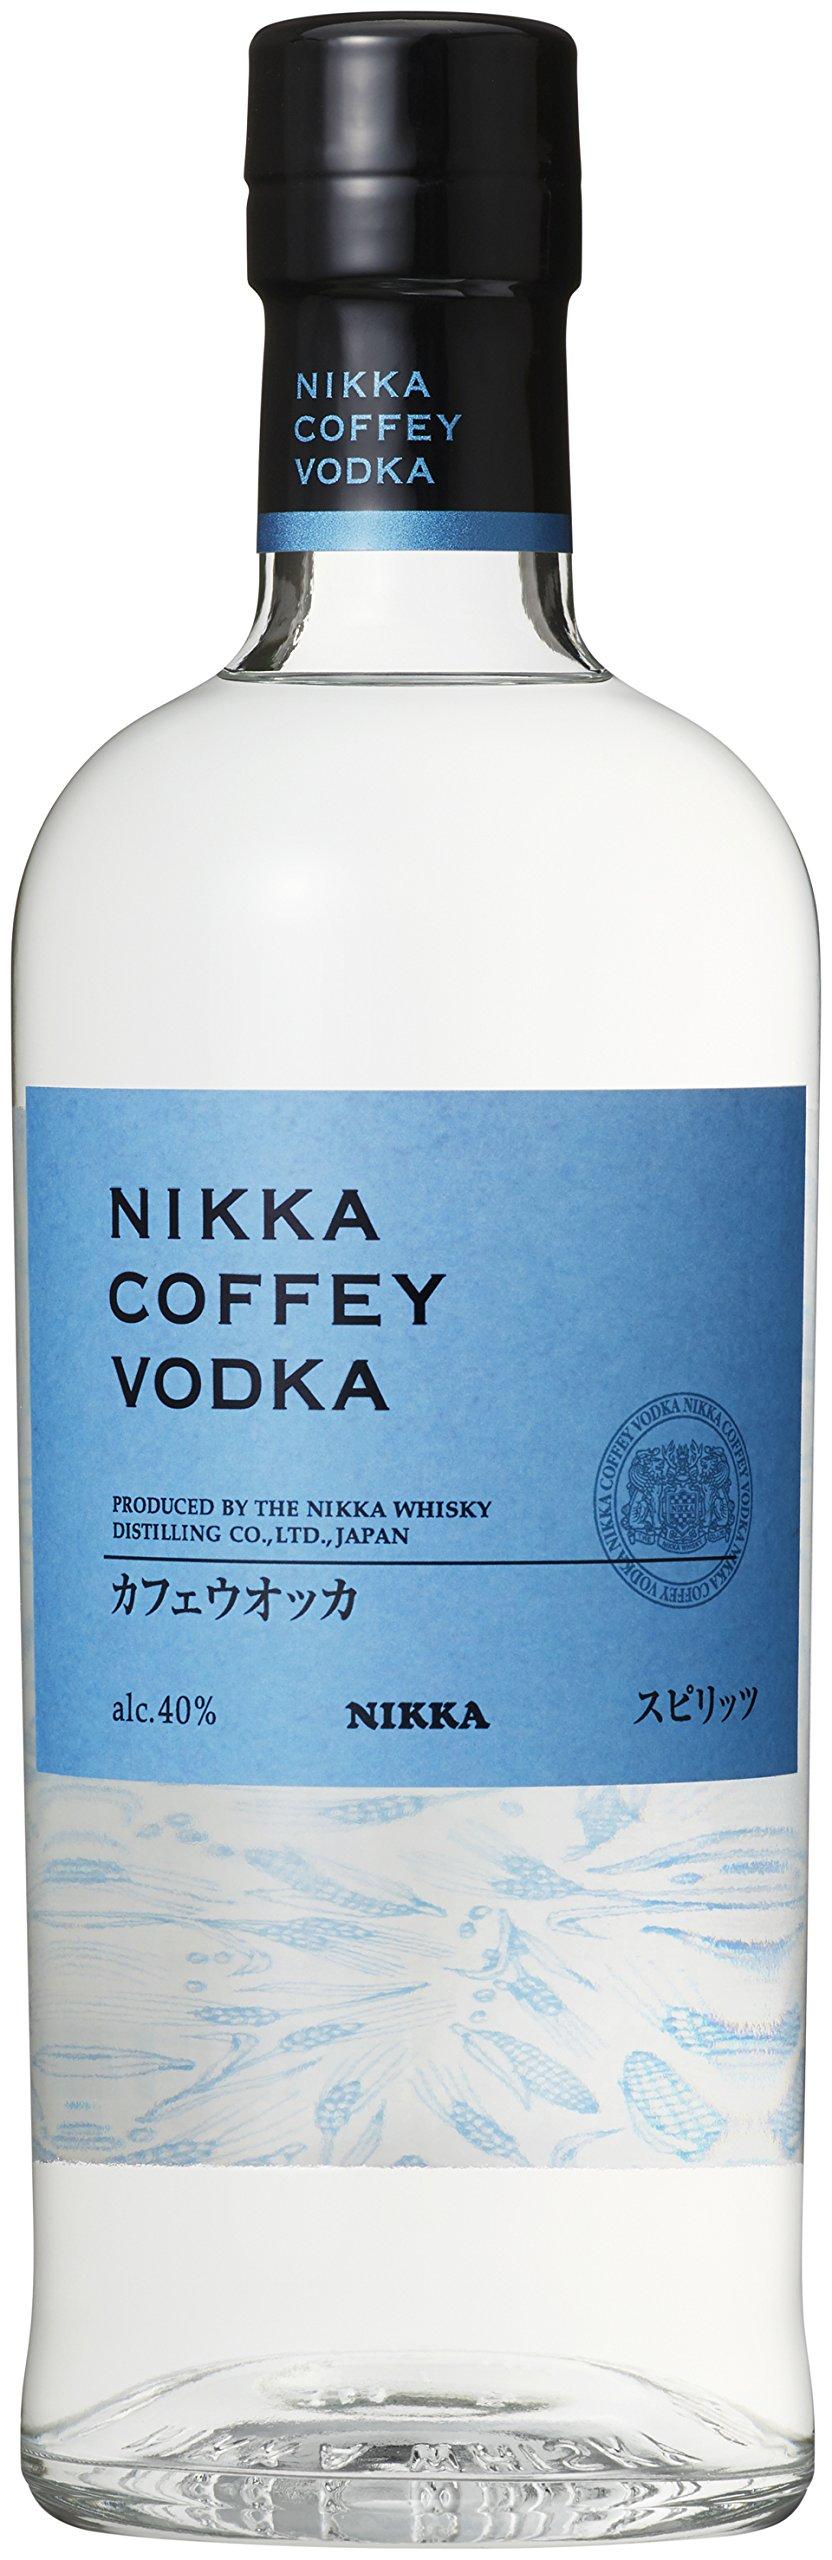 Vodka-Nikka-Coffey